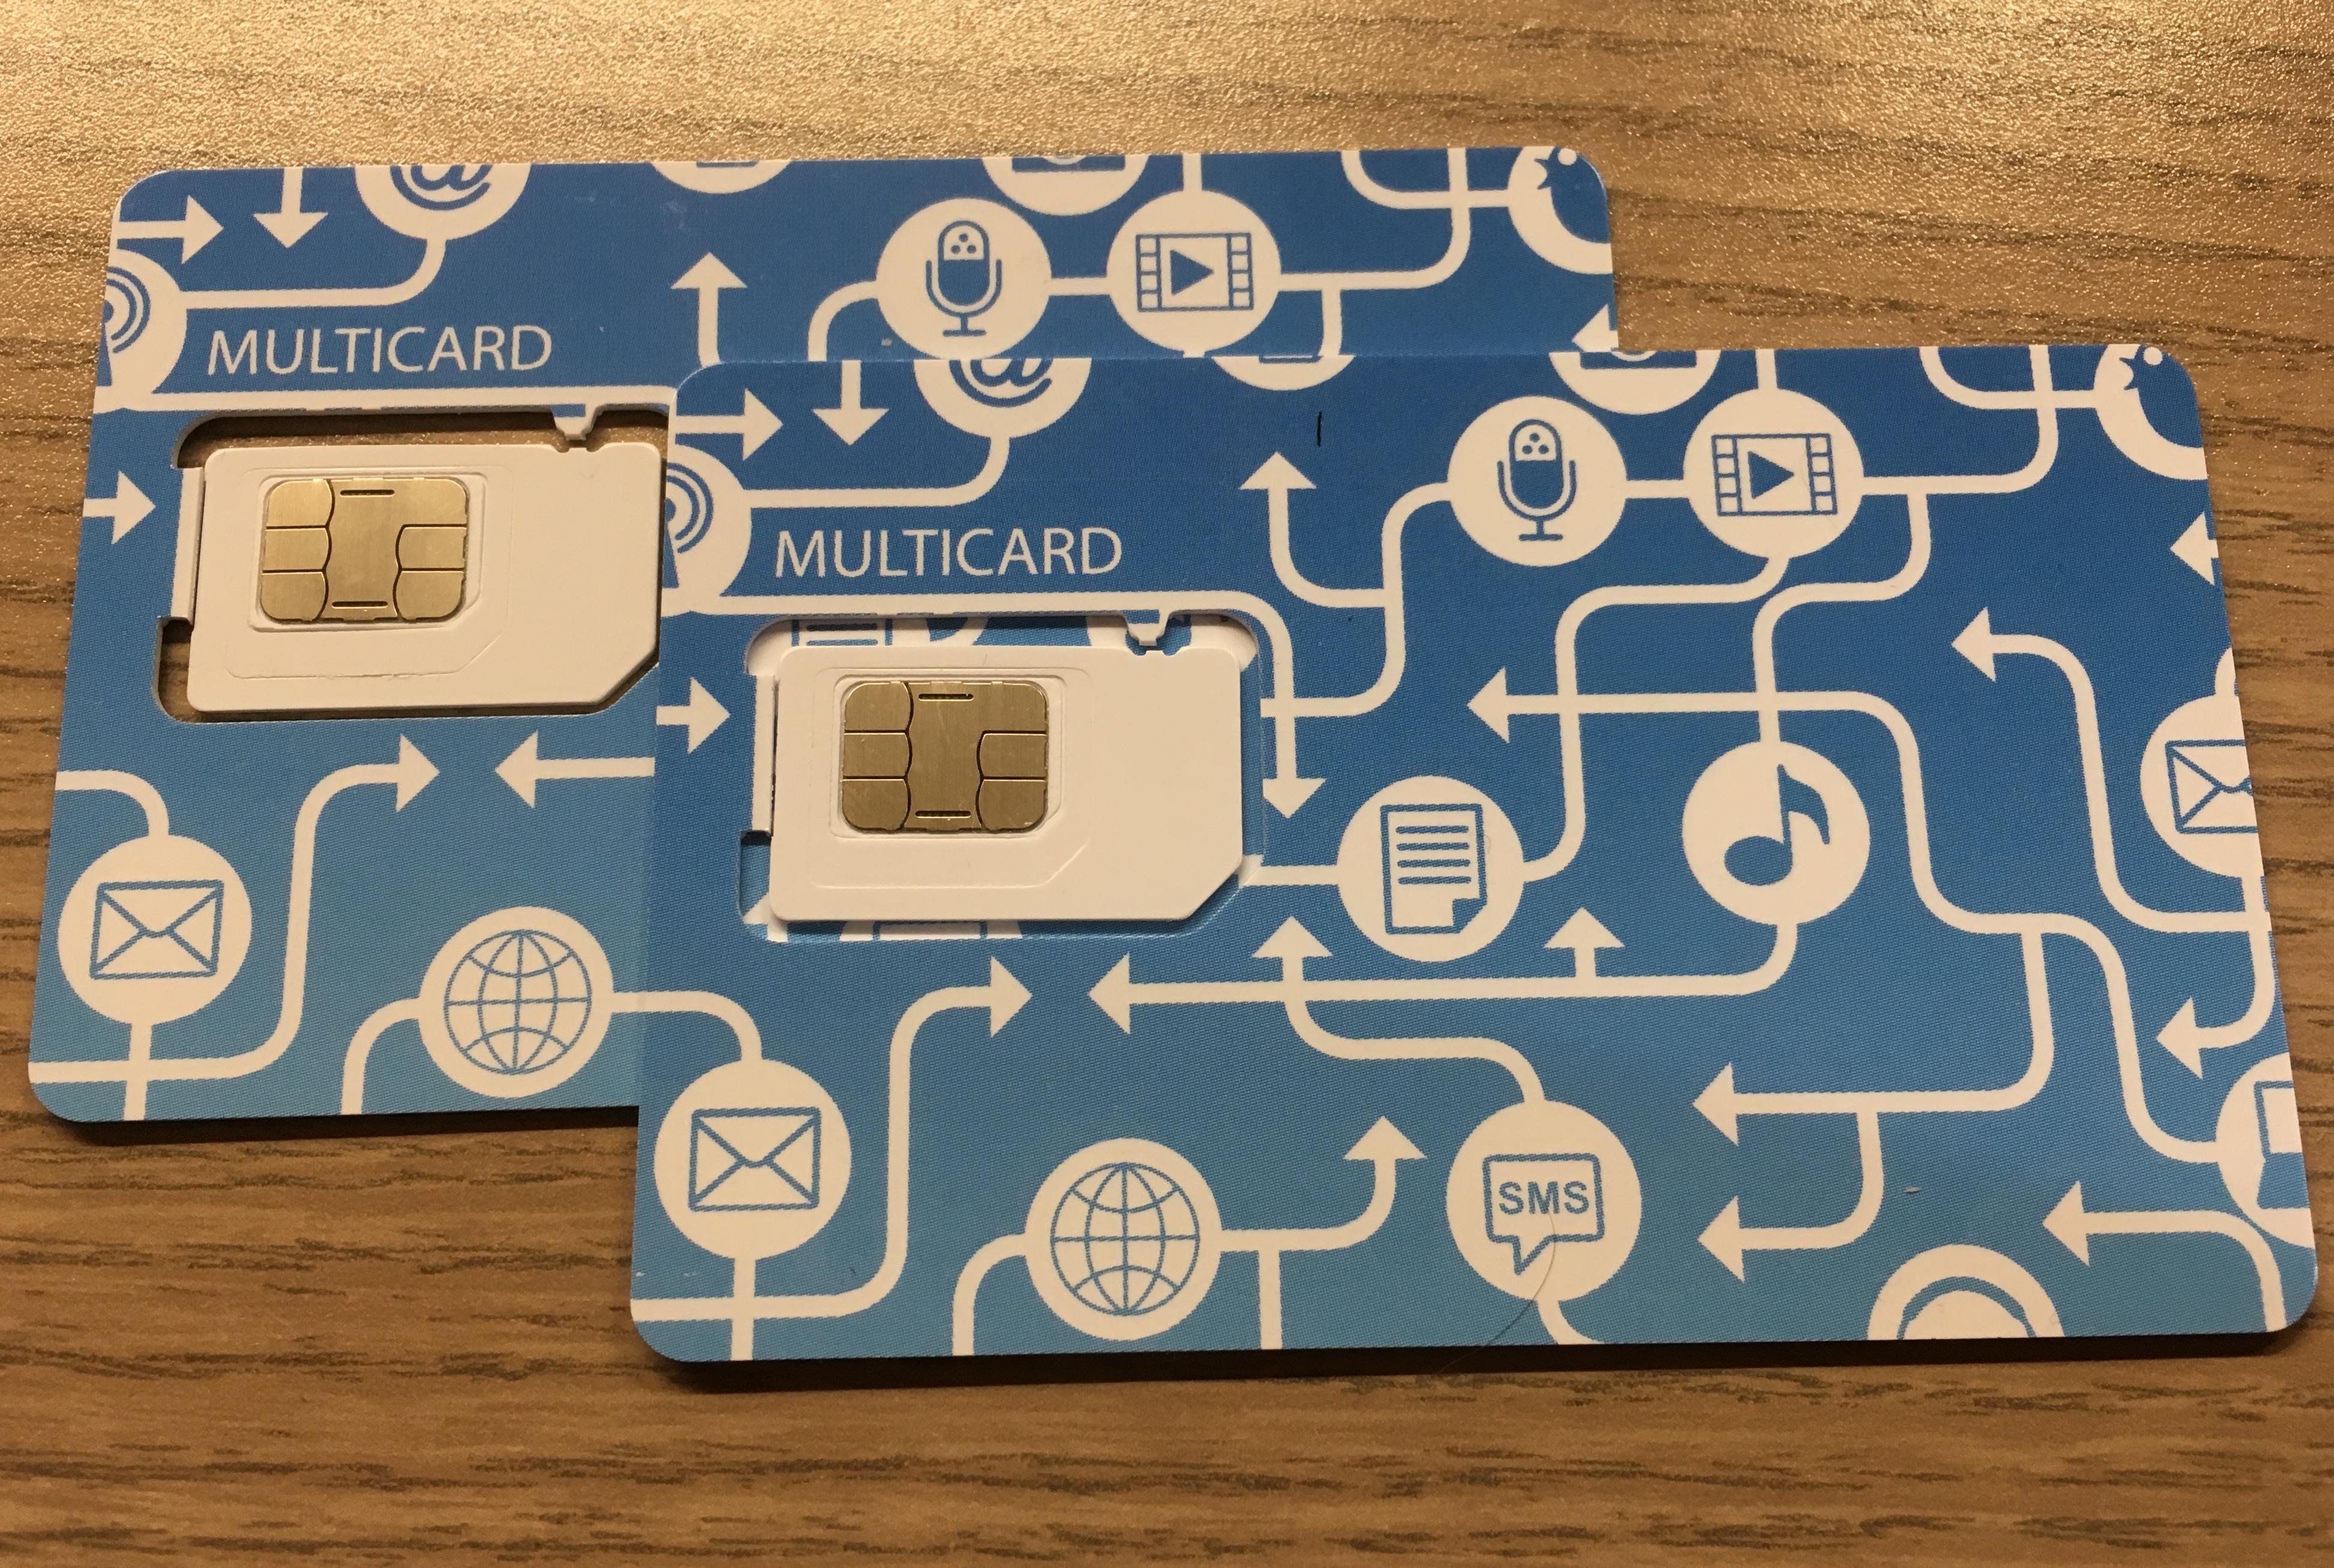 Beim LTE 3000 von simply ist auch eine MultiCard inklusive